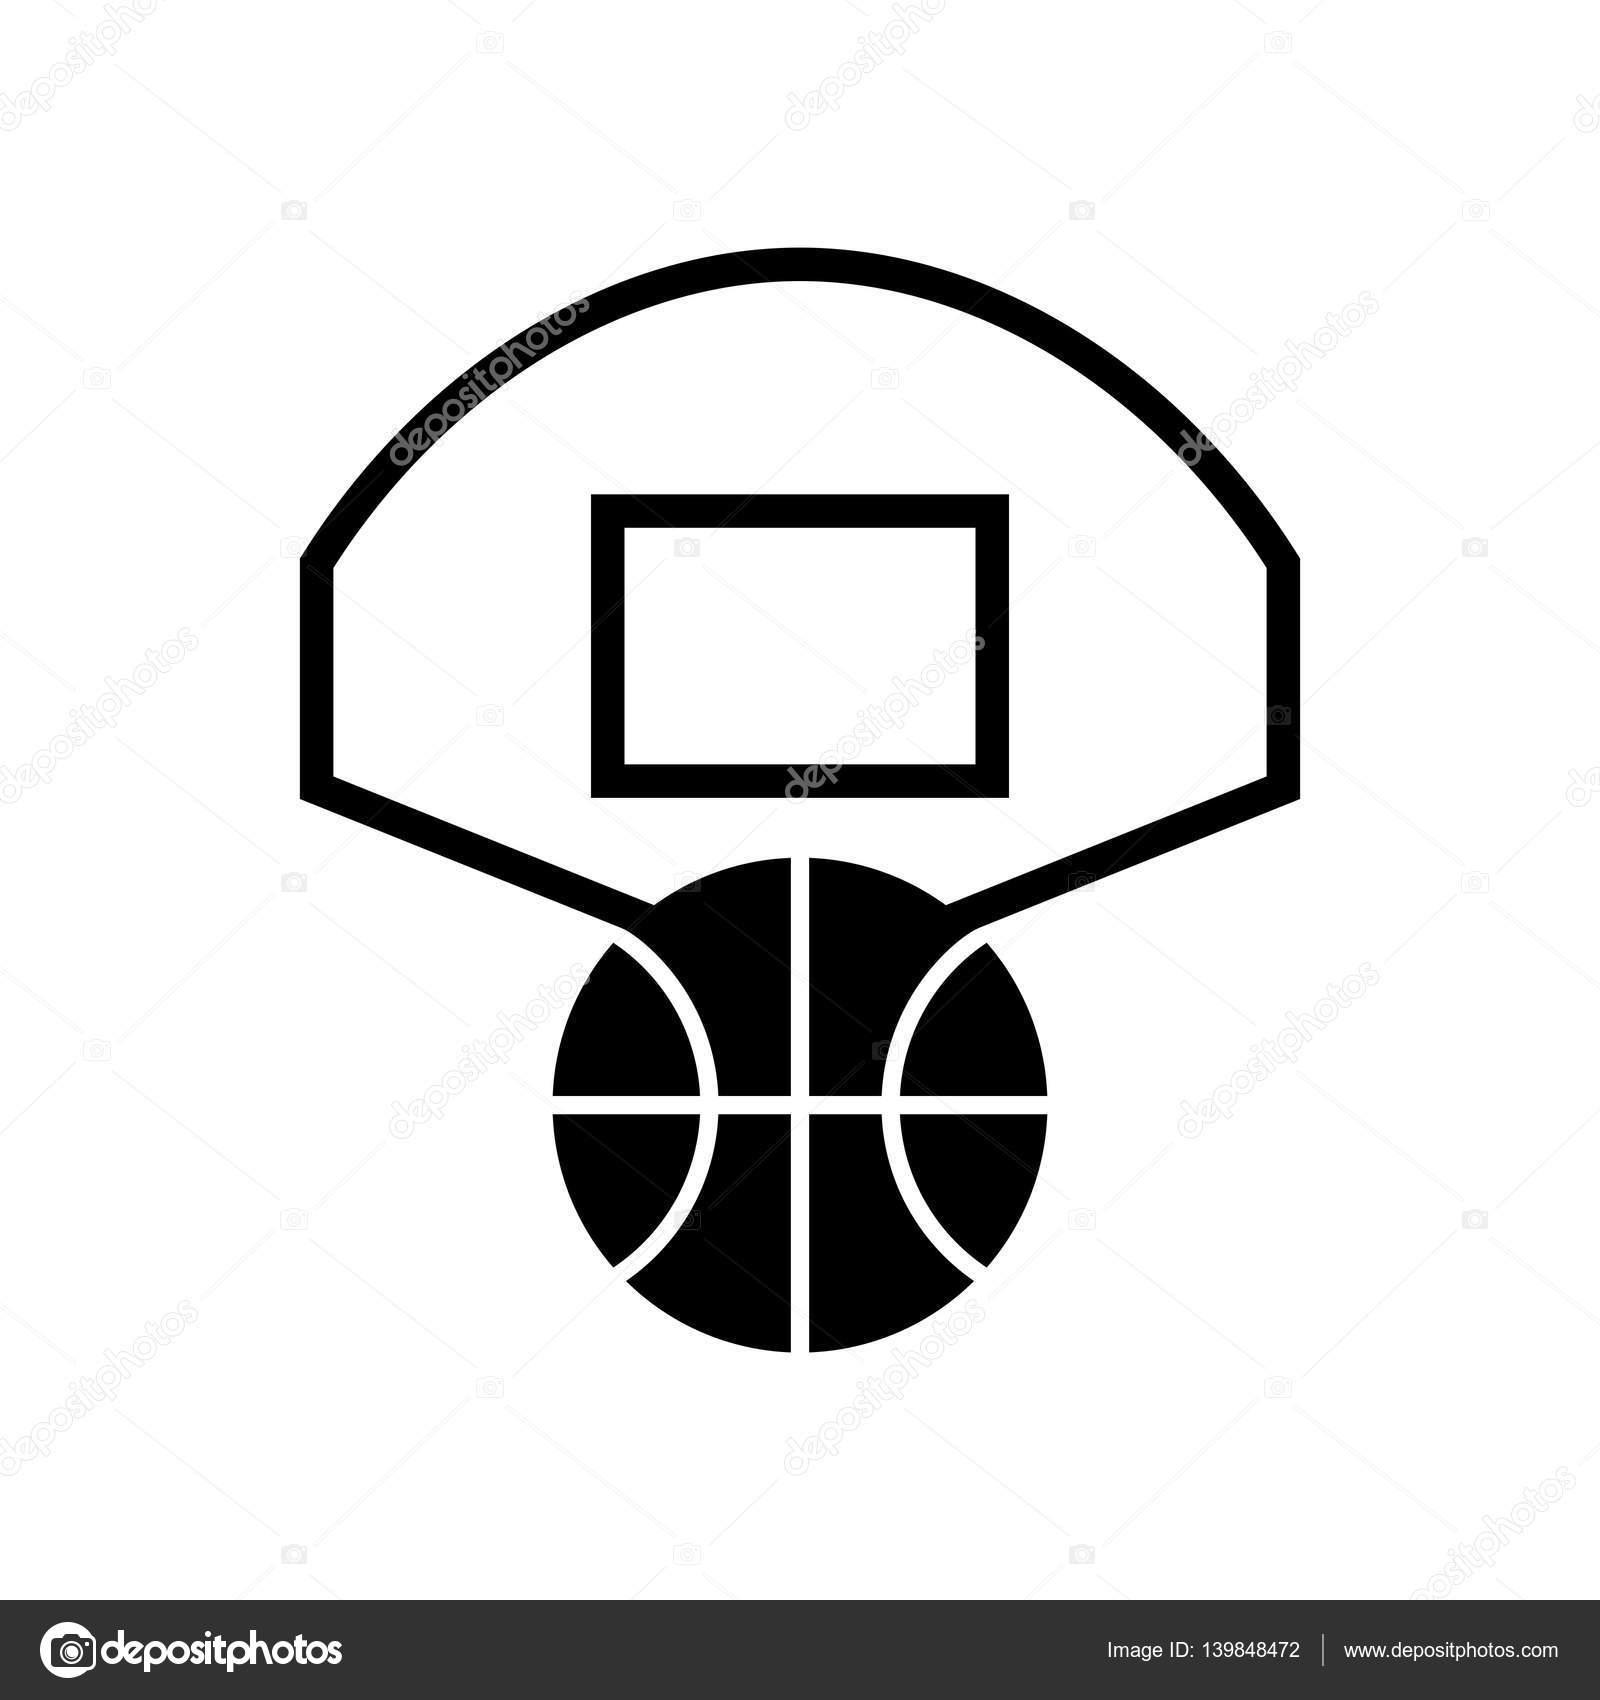 symbole de basketball noir et blanc � image vectorielle